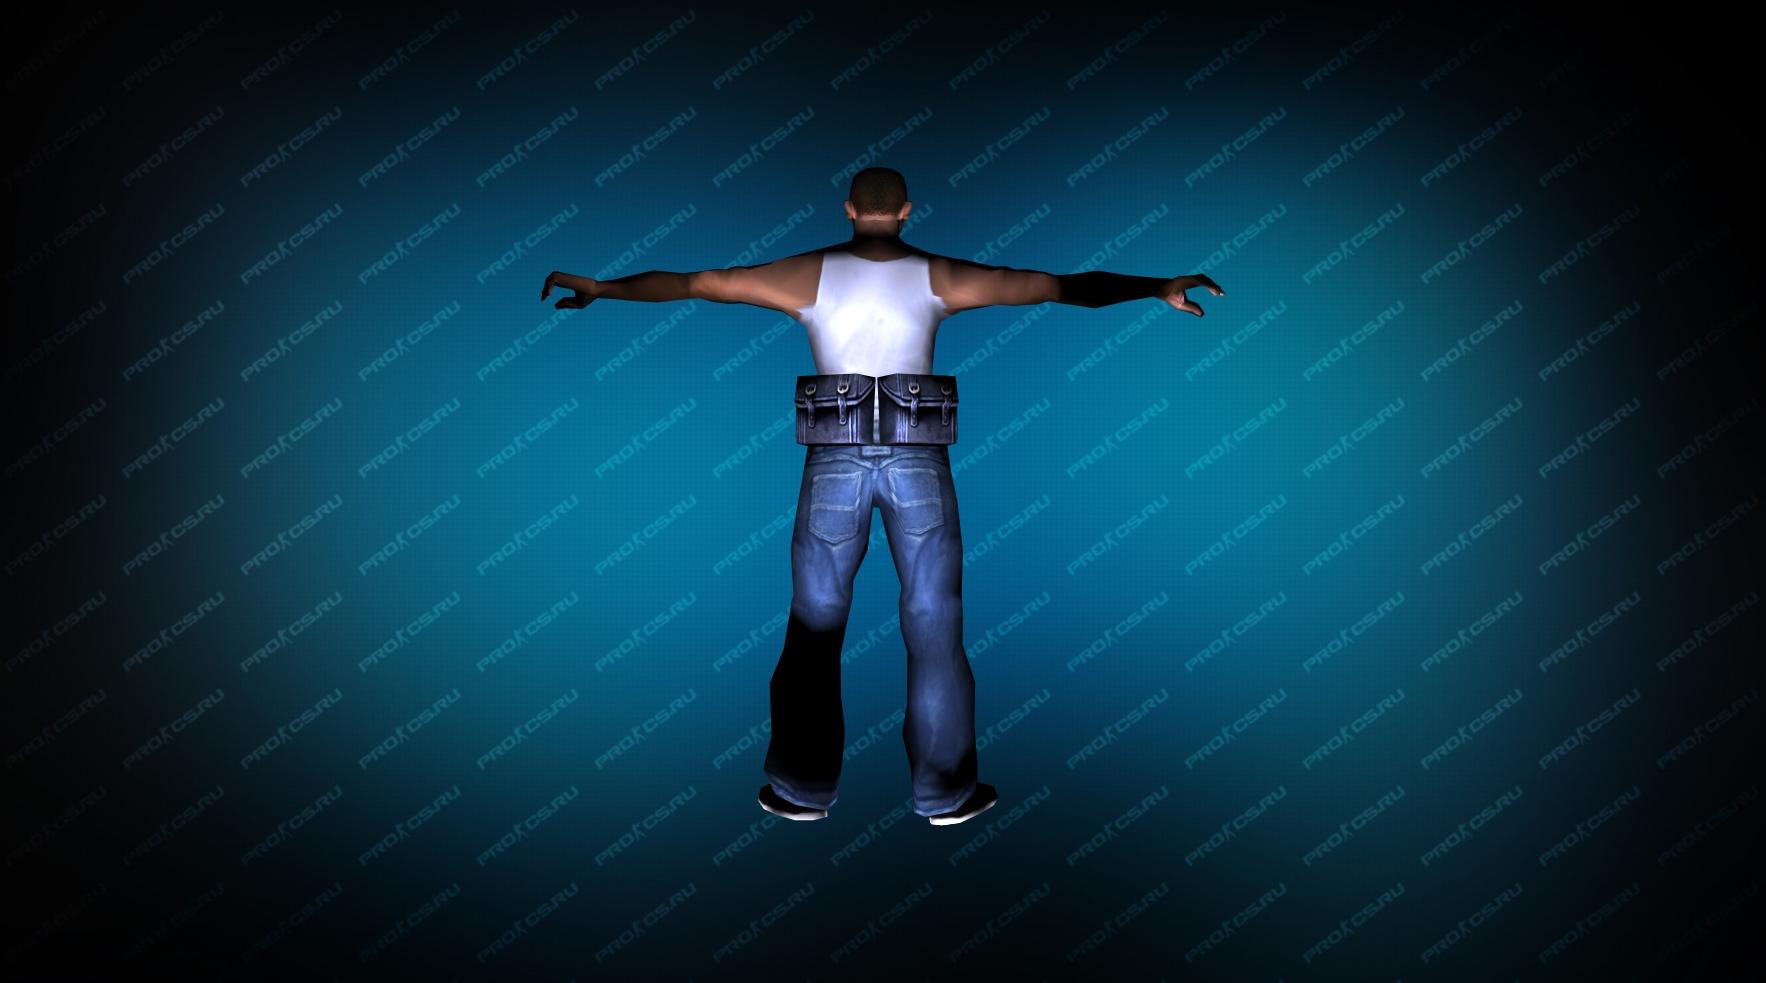 Модель игрока «Карл Джонсон» из GTA вид сзади